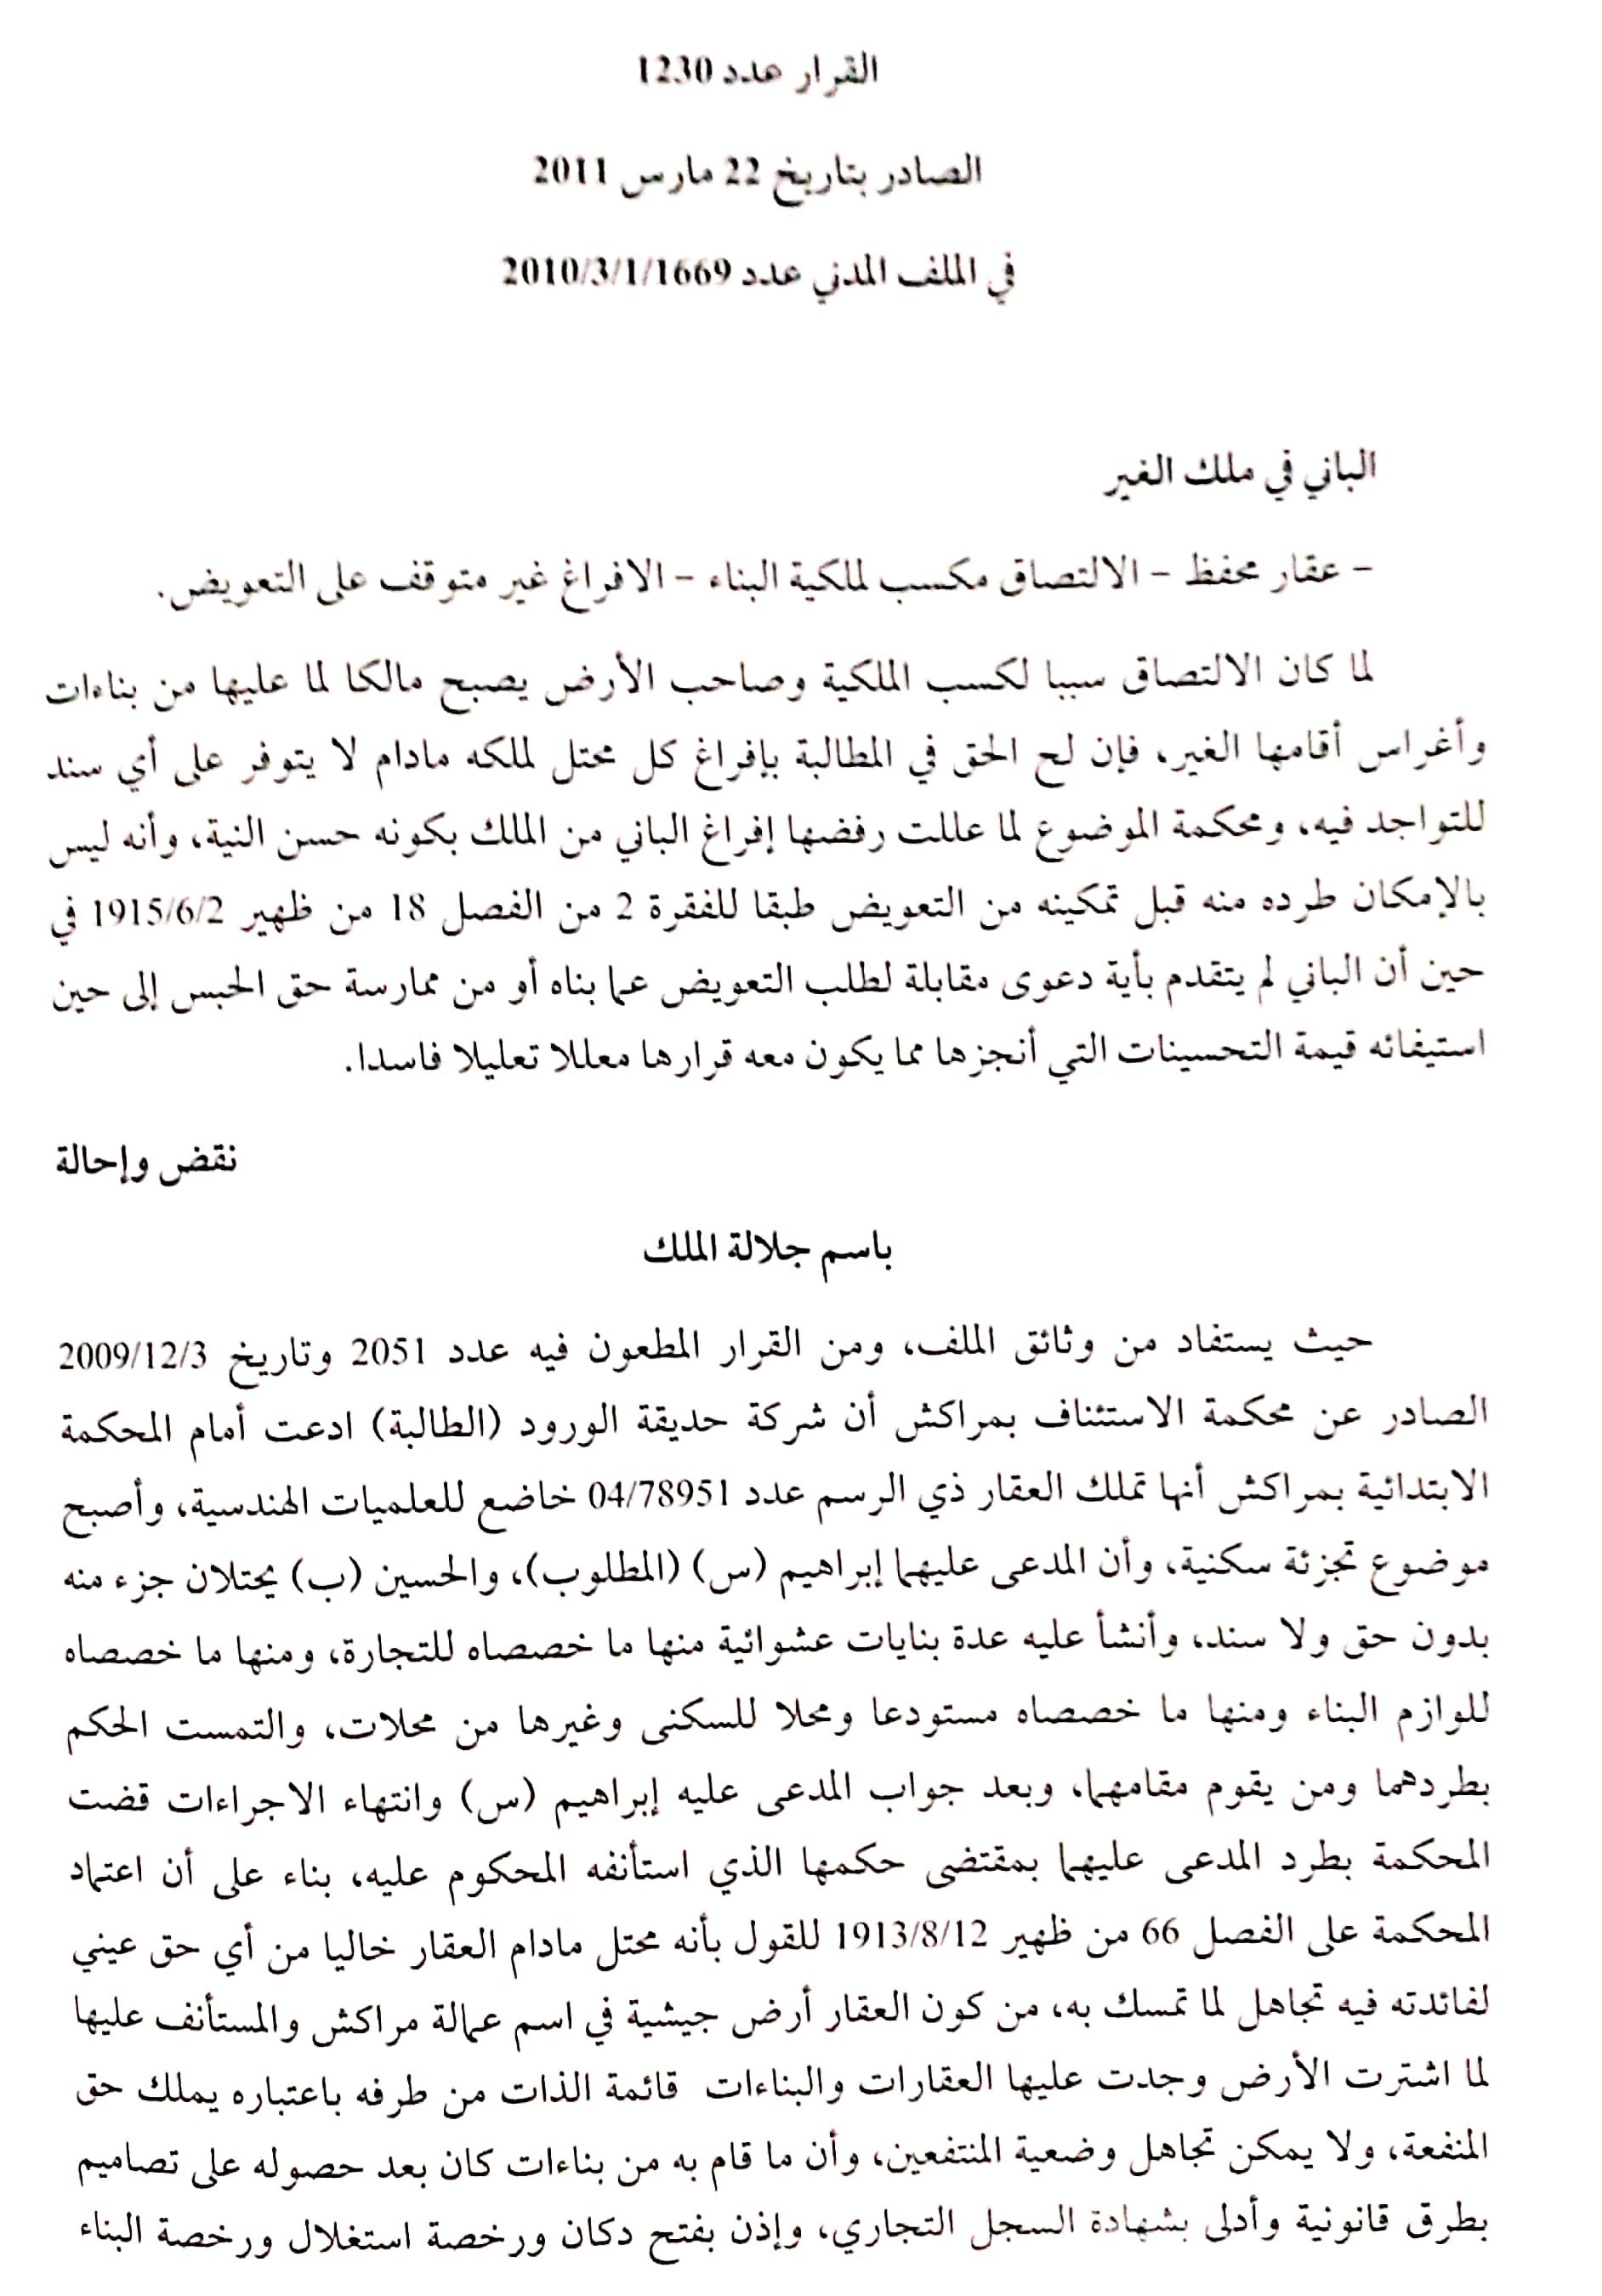 قرار محكمة النقض عدد 1230 صادر بتاريخ 22 مارس 2011 في المف المدني عدد 2010/3/1/1669